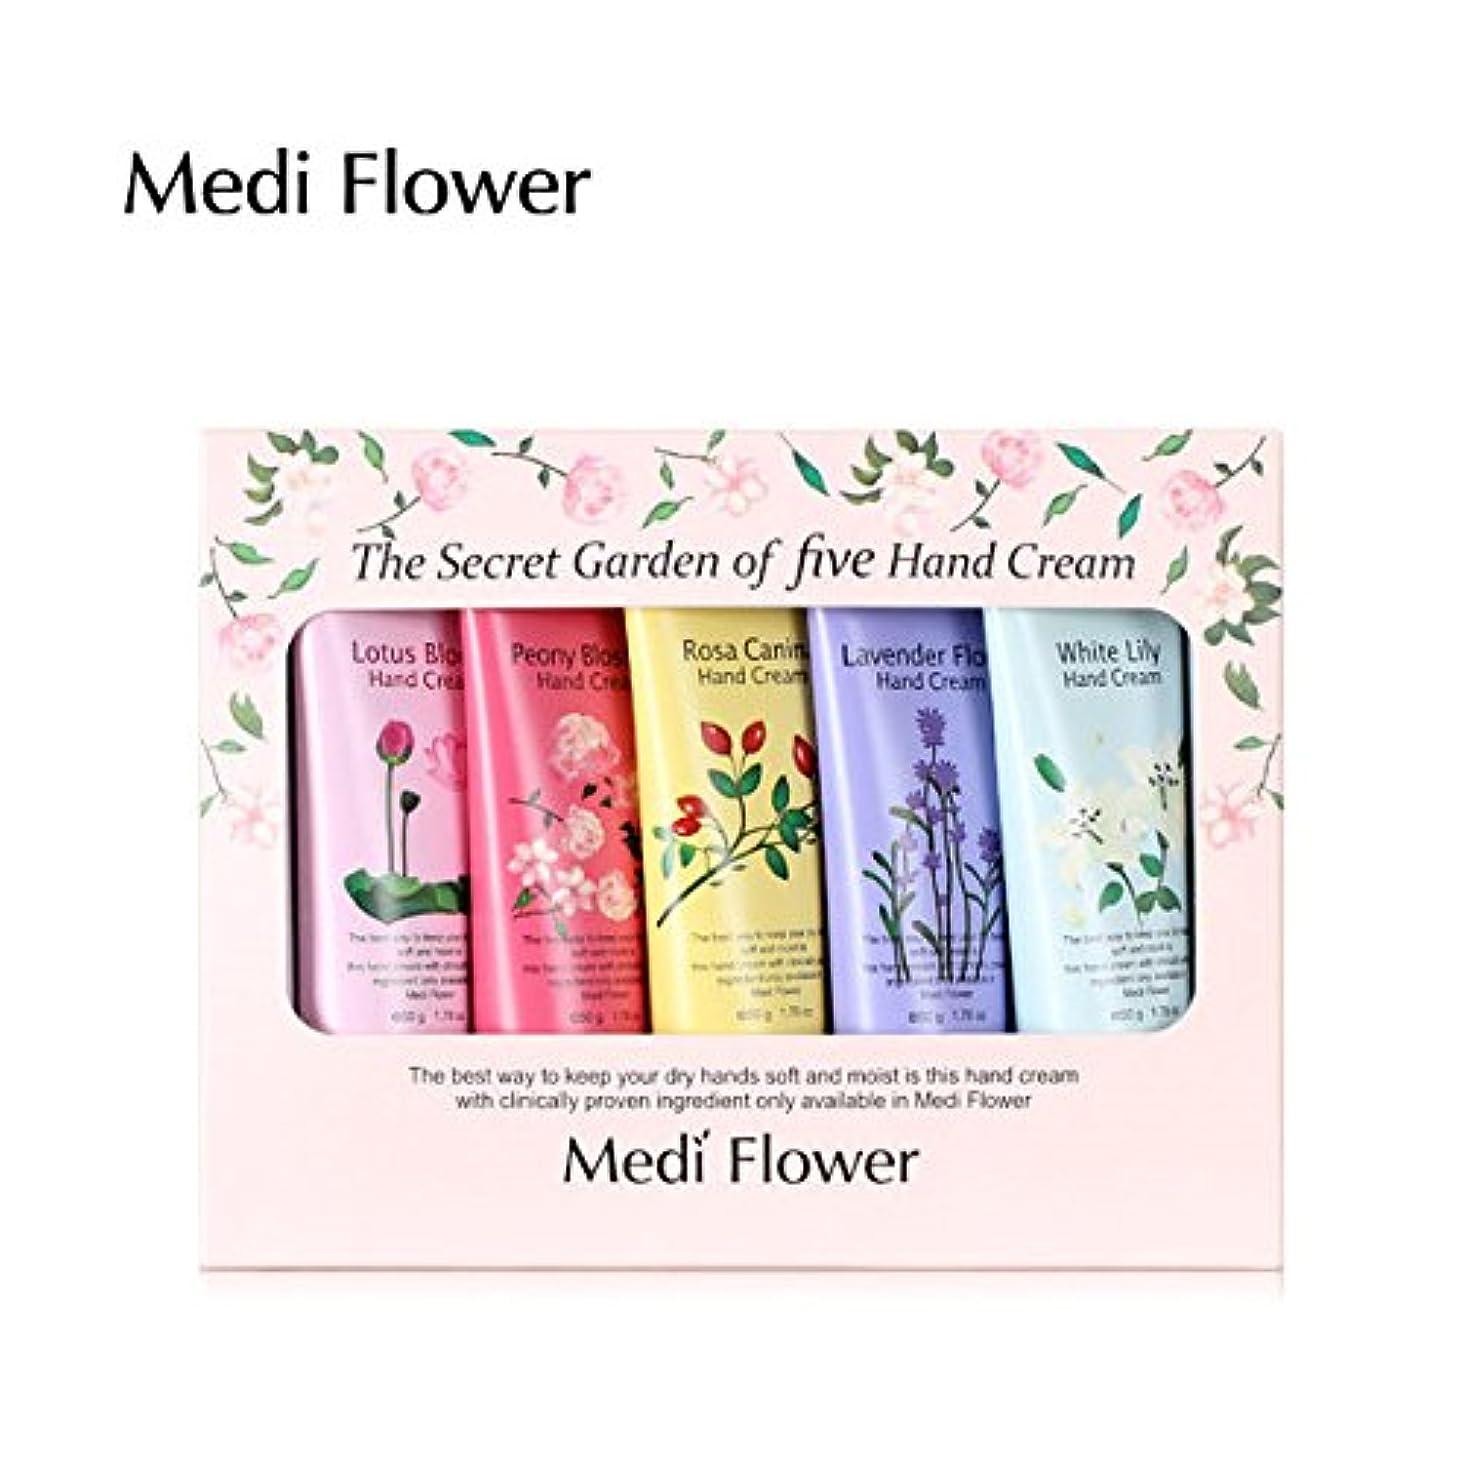 習熟度ページ憧れ[MediFlower] ザ?シークレットガーデン?ハンドクリームセット(50g x 5個) / The Secret Garden of Five Hand Cream Set